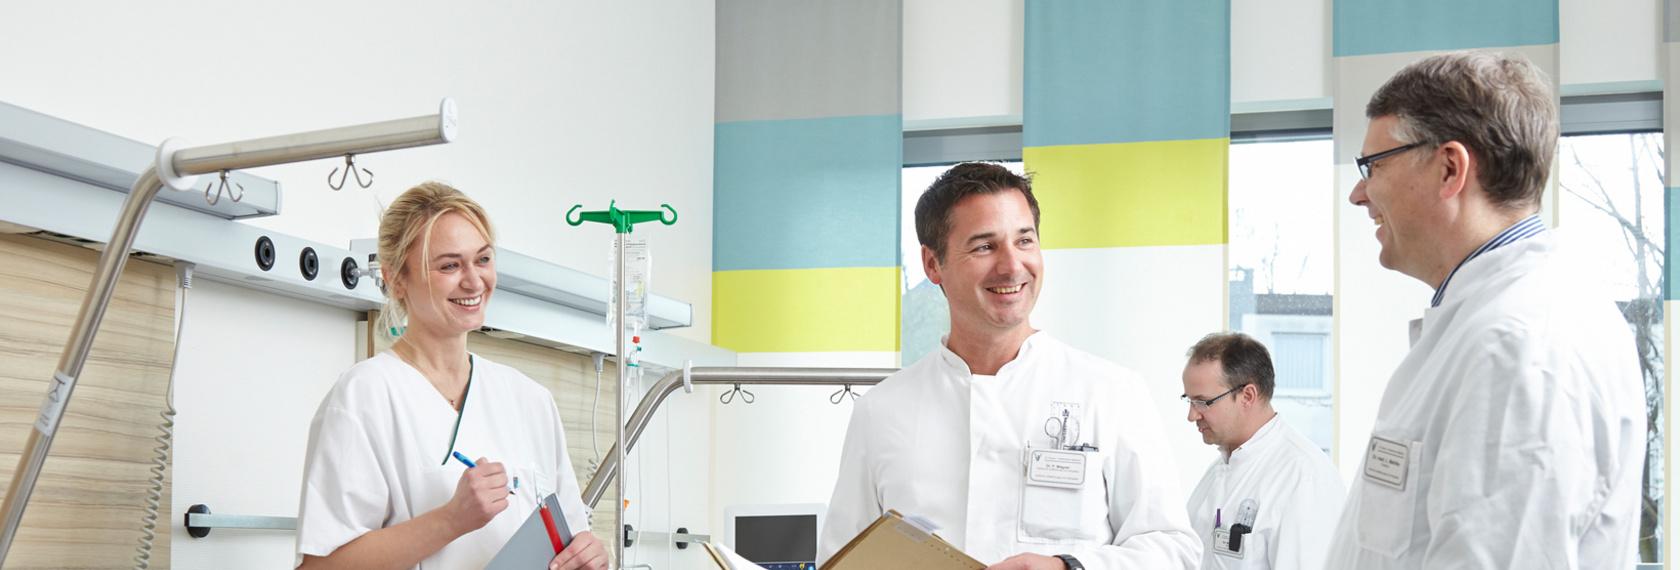 Team der Orthopädie befindet sich im modernen und hellen Patientenzimmer